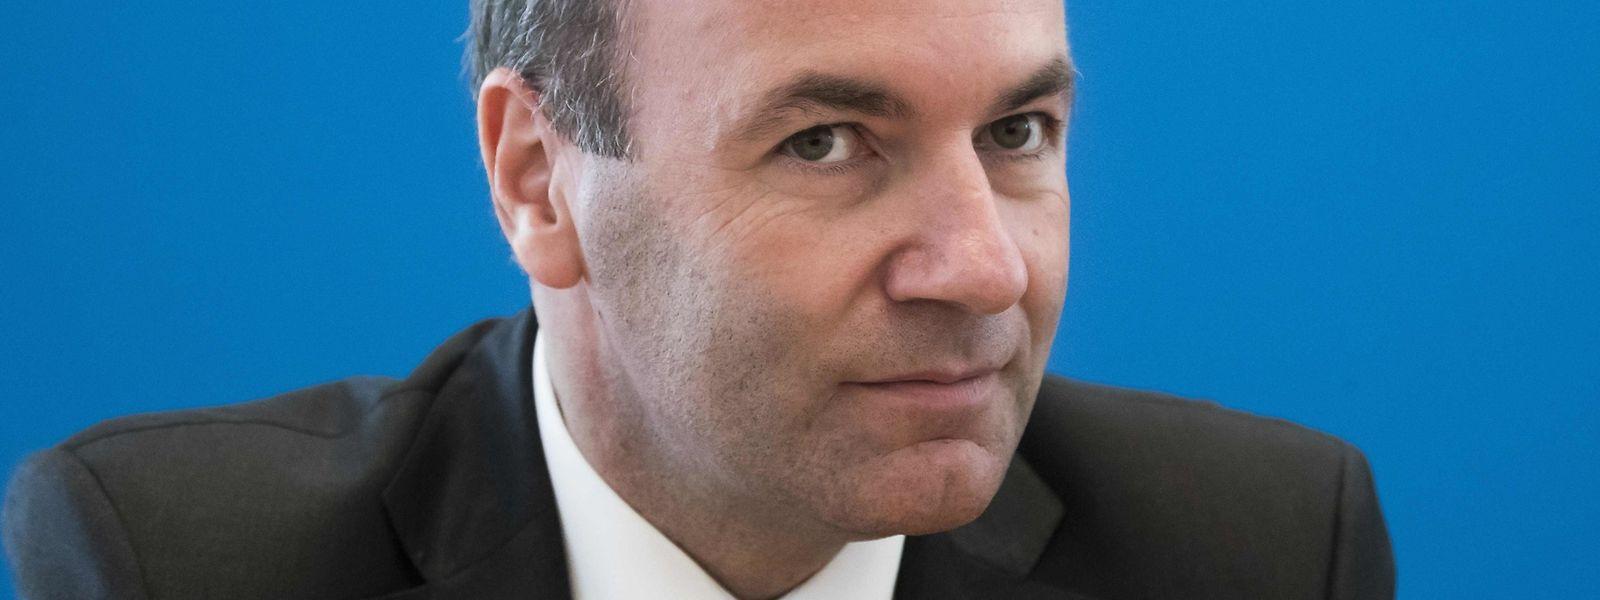 Weber setzt sich mit 492 Stimmen von insgesamt 619 abgegebenen Stimmen durch und wird somit Spitzenkandidat der Europäischen Volkspartei bei den EU-Wahlen im Mai 2019.